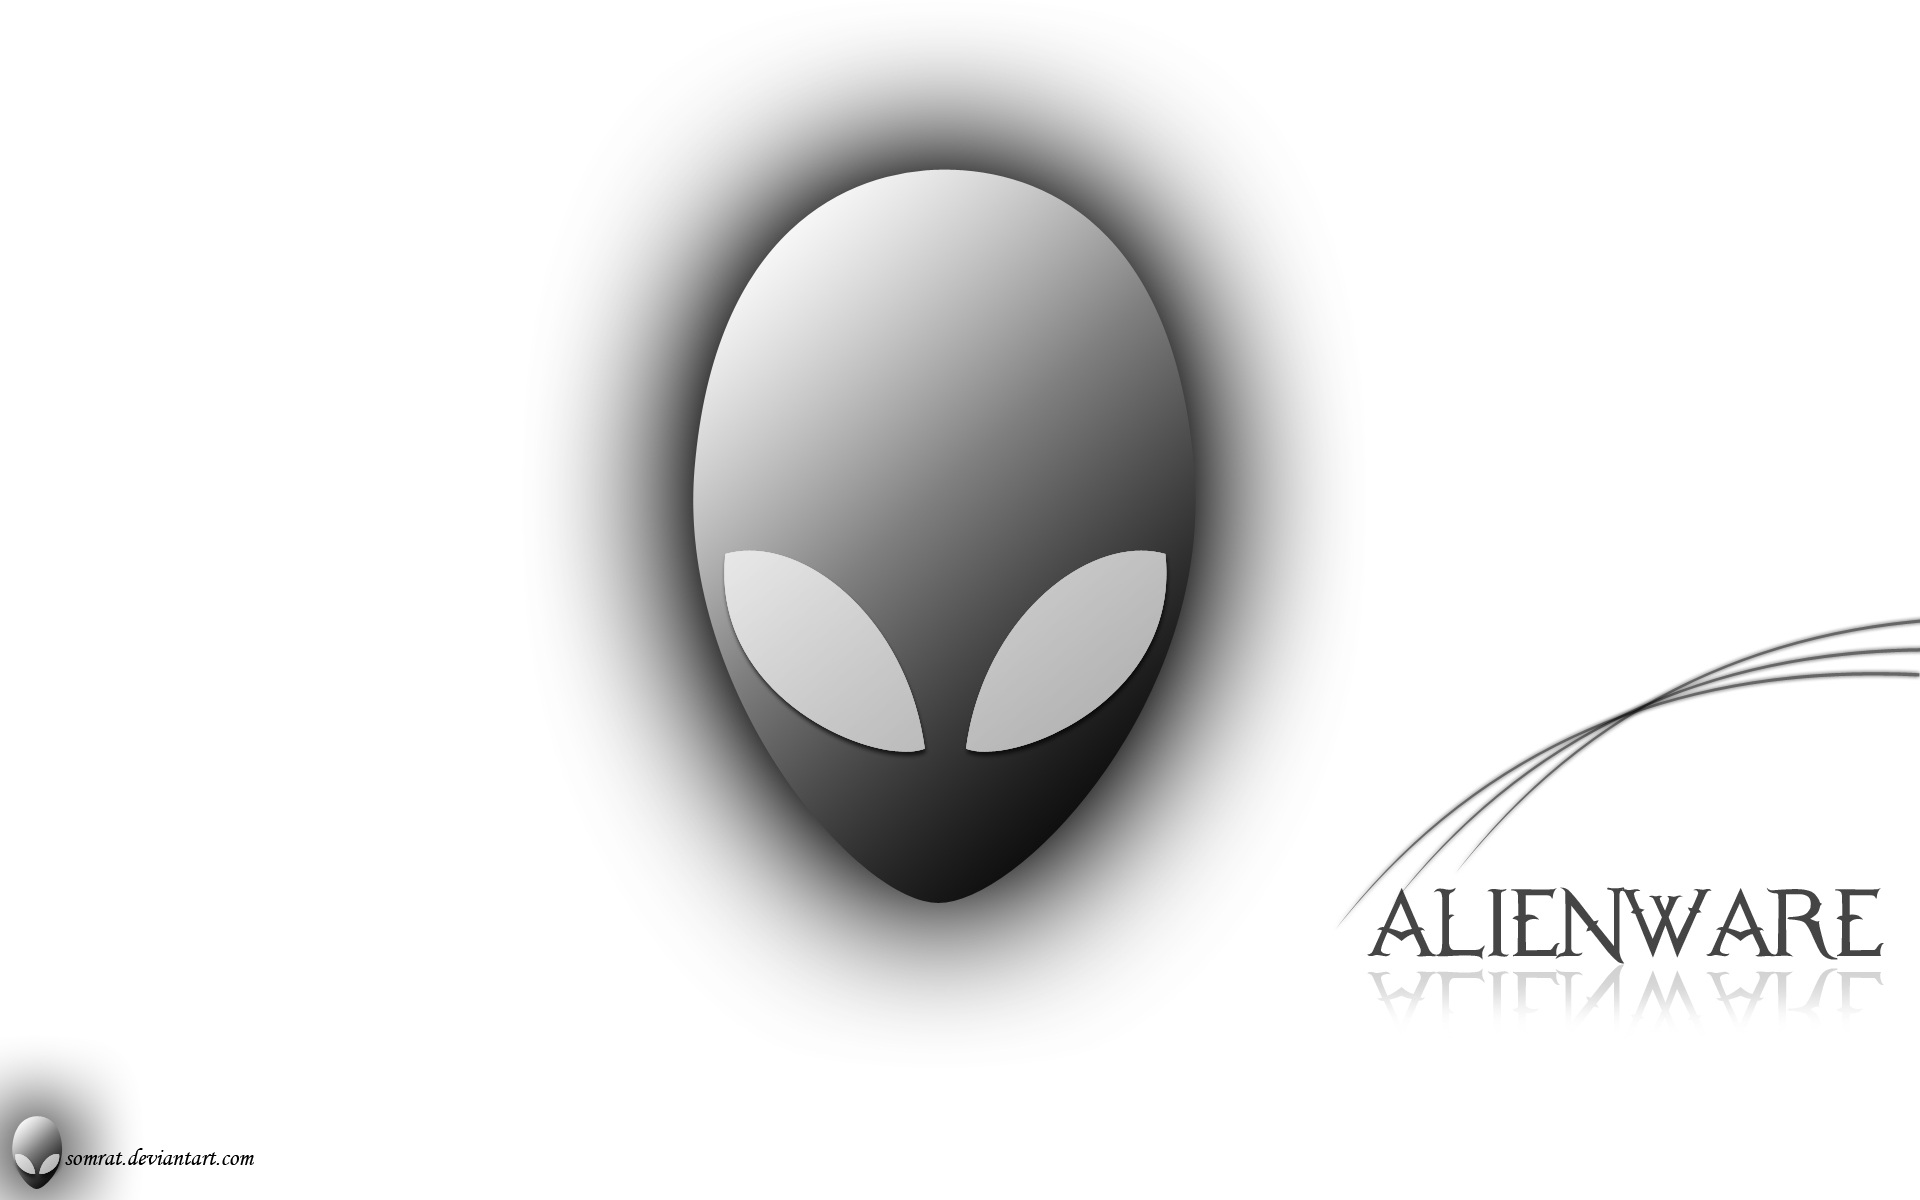 http://fc01.deviantart.com/fs40/f/2009/028/c/c/Alien_Head___Special_Ed__1_by_somrat.jpg